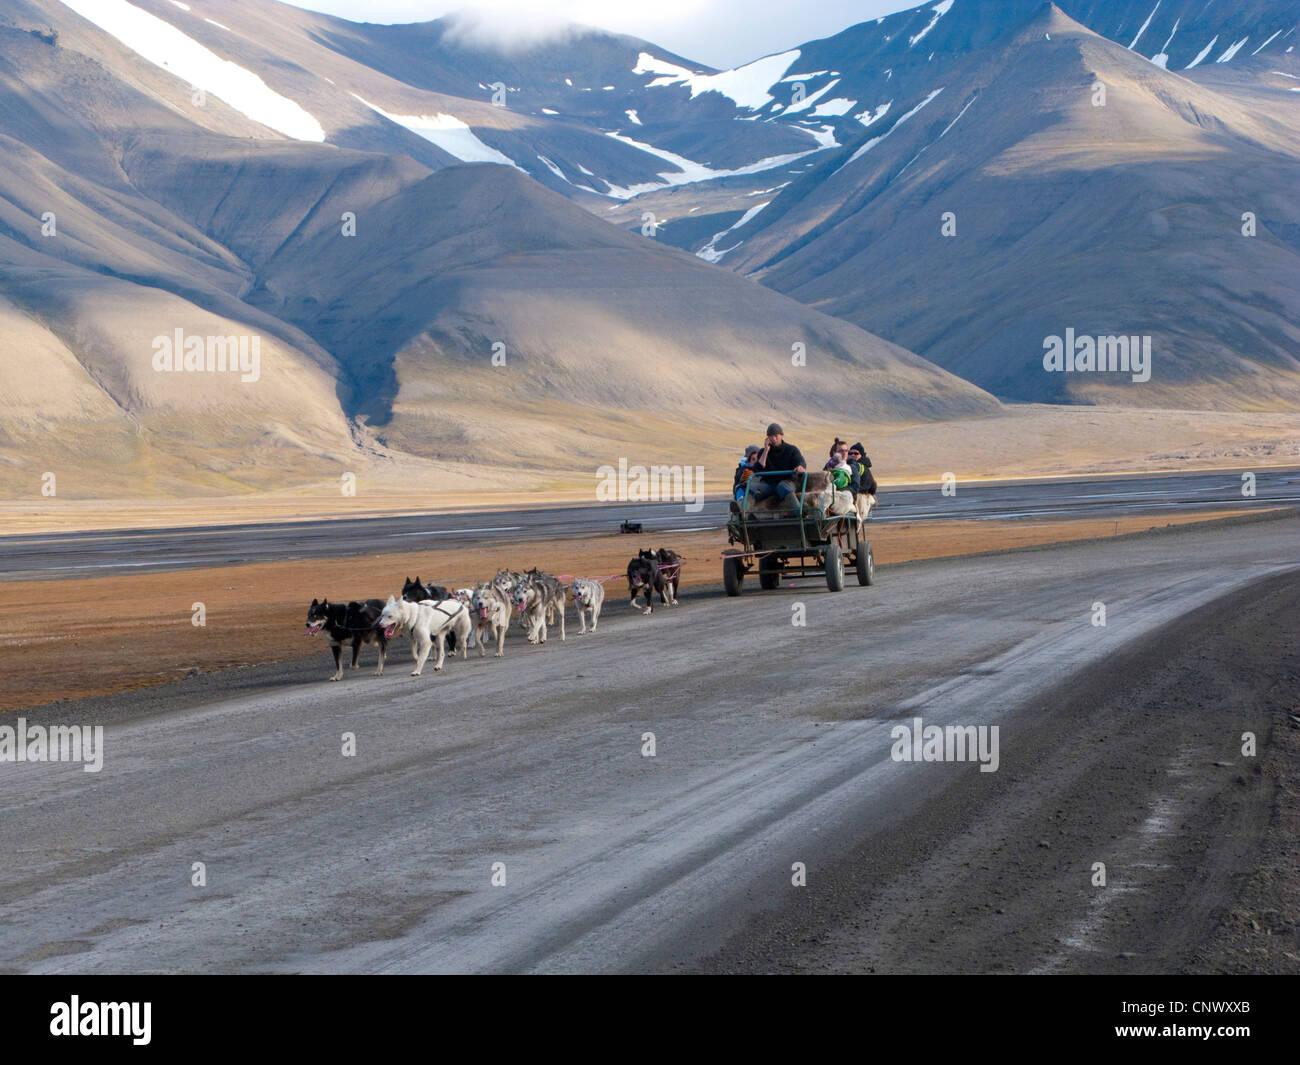 Équipe de chiens tirant un wagon avec des touristes sur une route déserte, la Norvège, Svalbard, Photo Stock